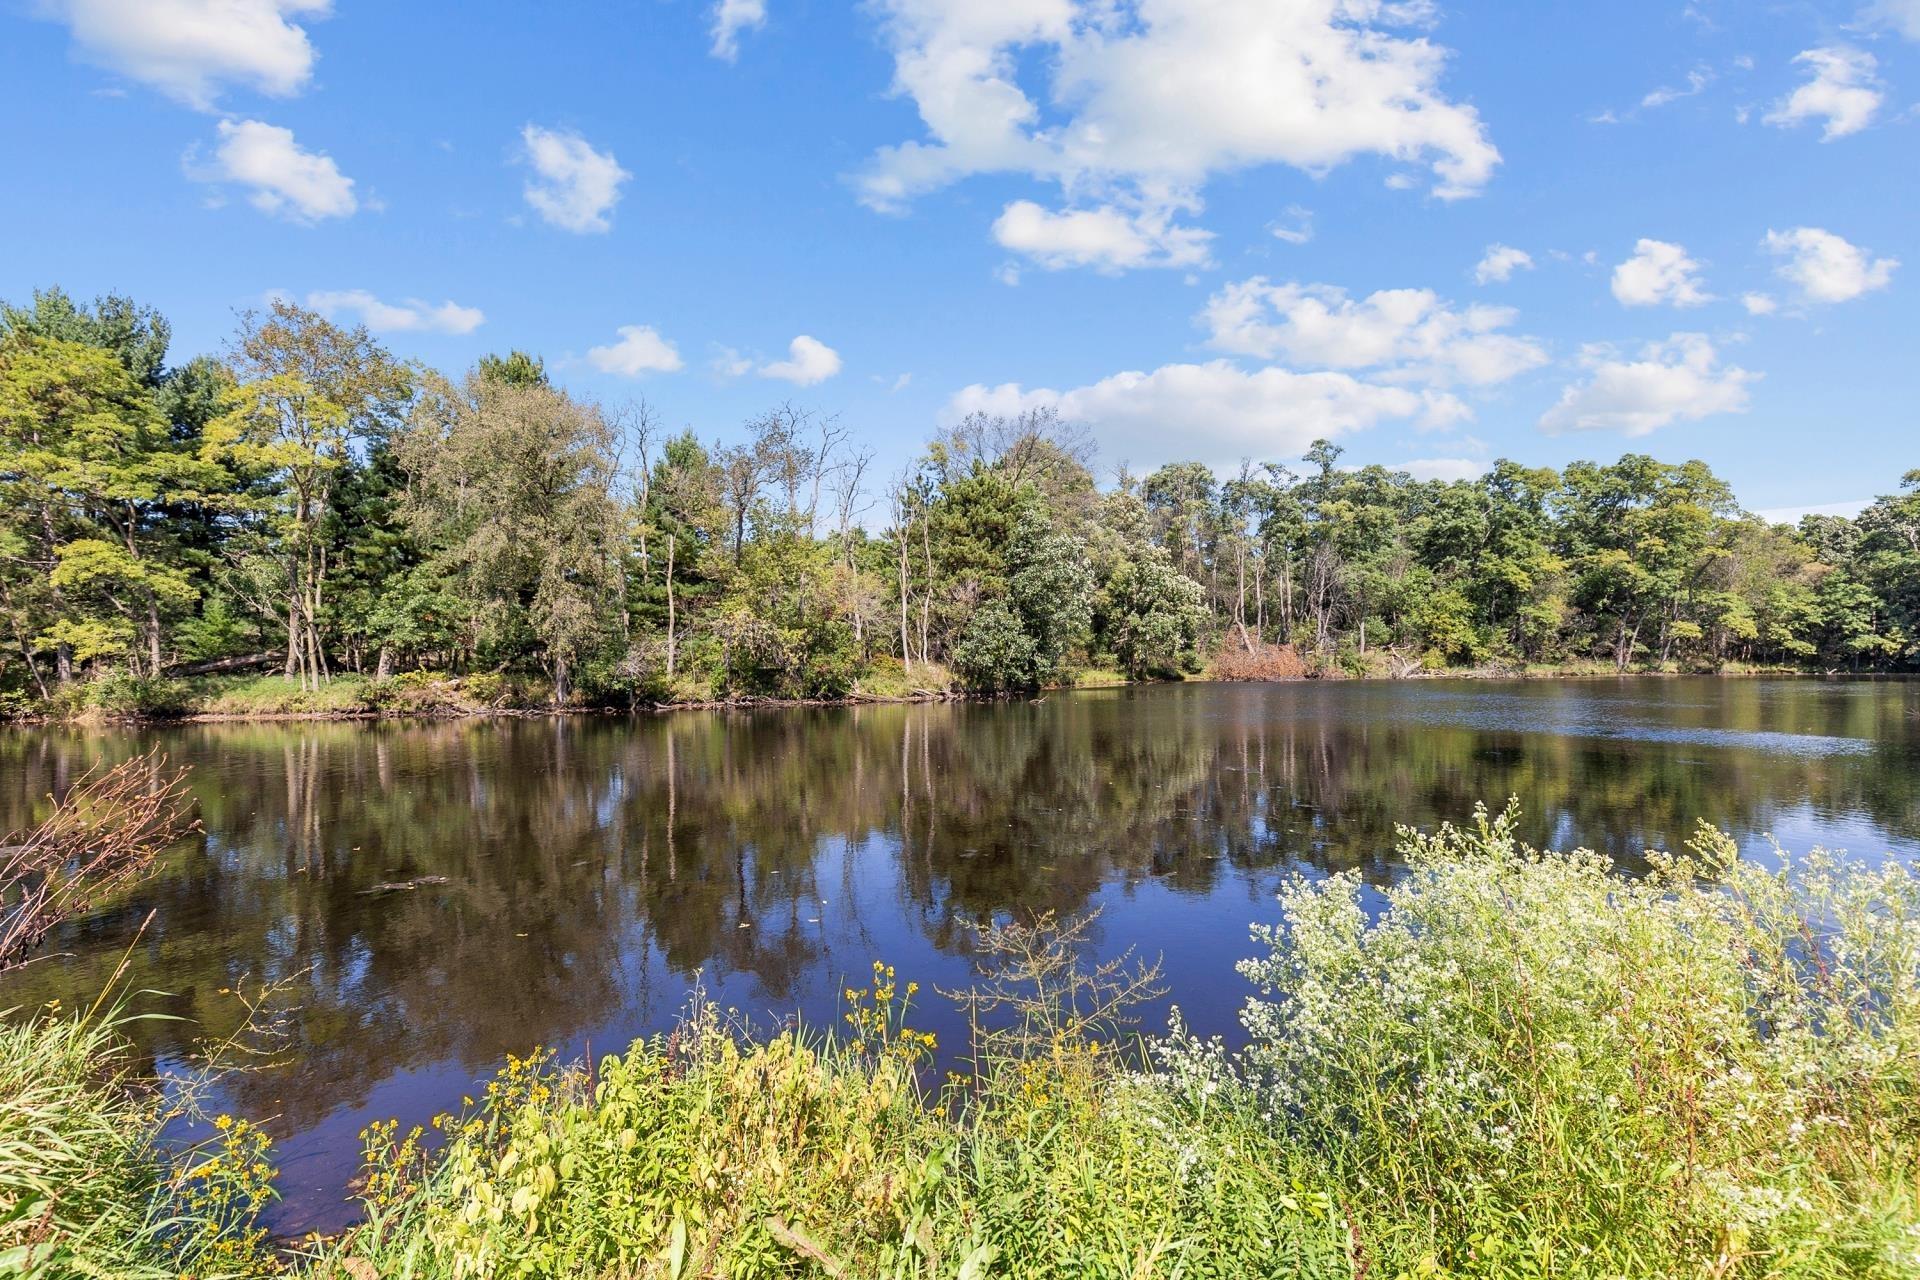 W3956 Hwy H, Pine River, WI 54965